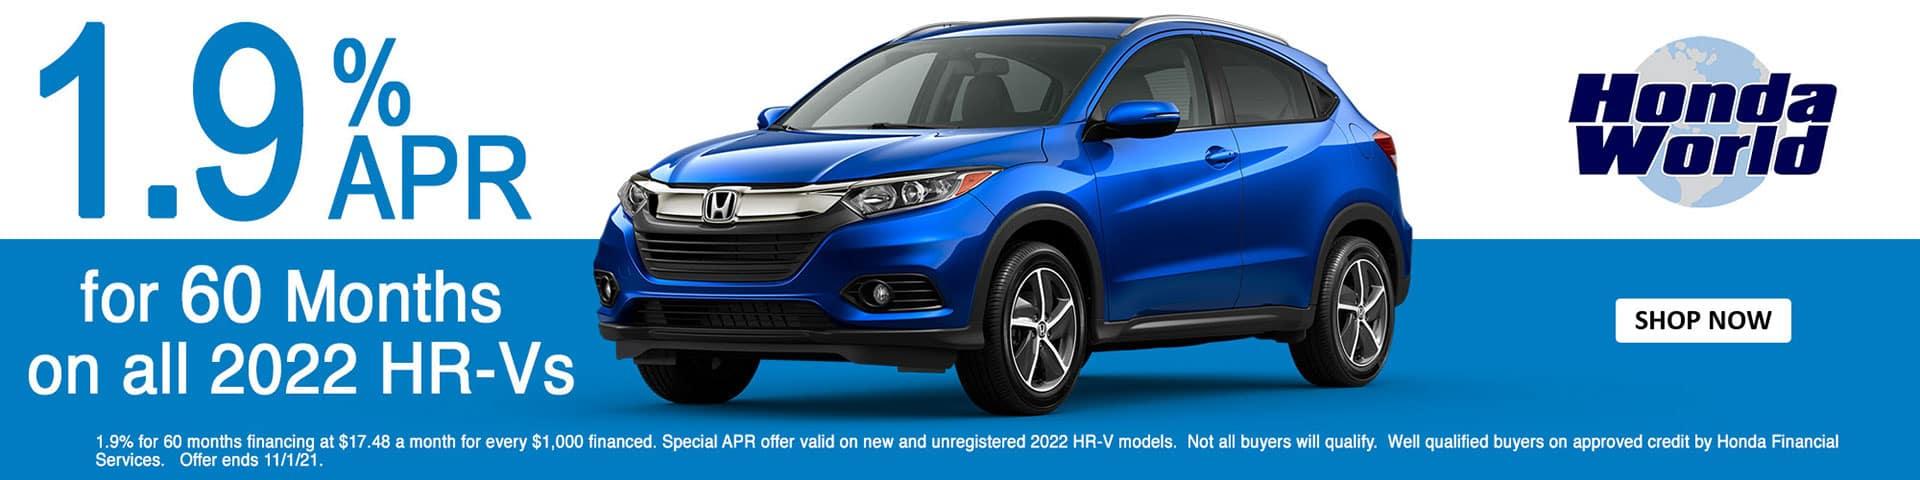 2022 Honda HR-V APR Offer